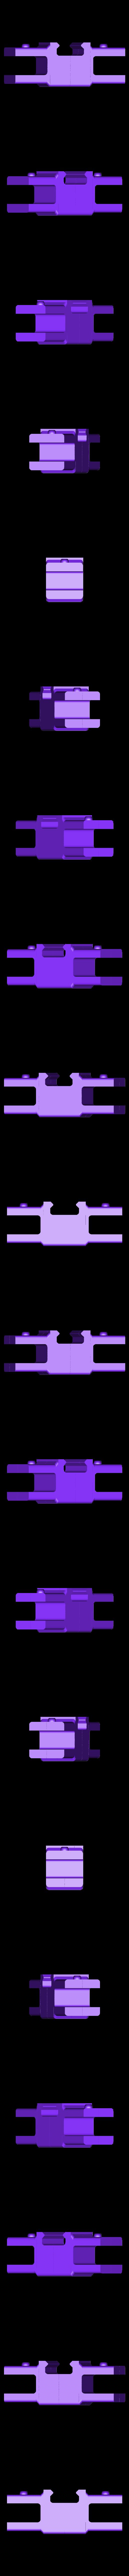 socket_1-2_TwoSided.stl Télécharger fichier STL gratuit Organiseur de prises avec rail, double • Objet pour impression 3D, danielscatigno